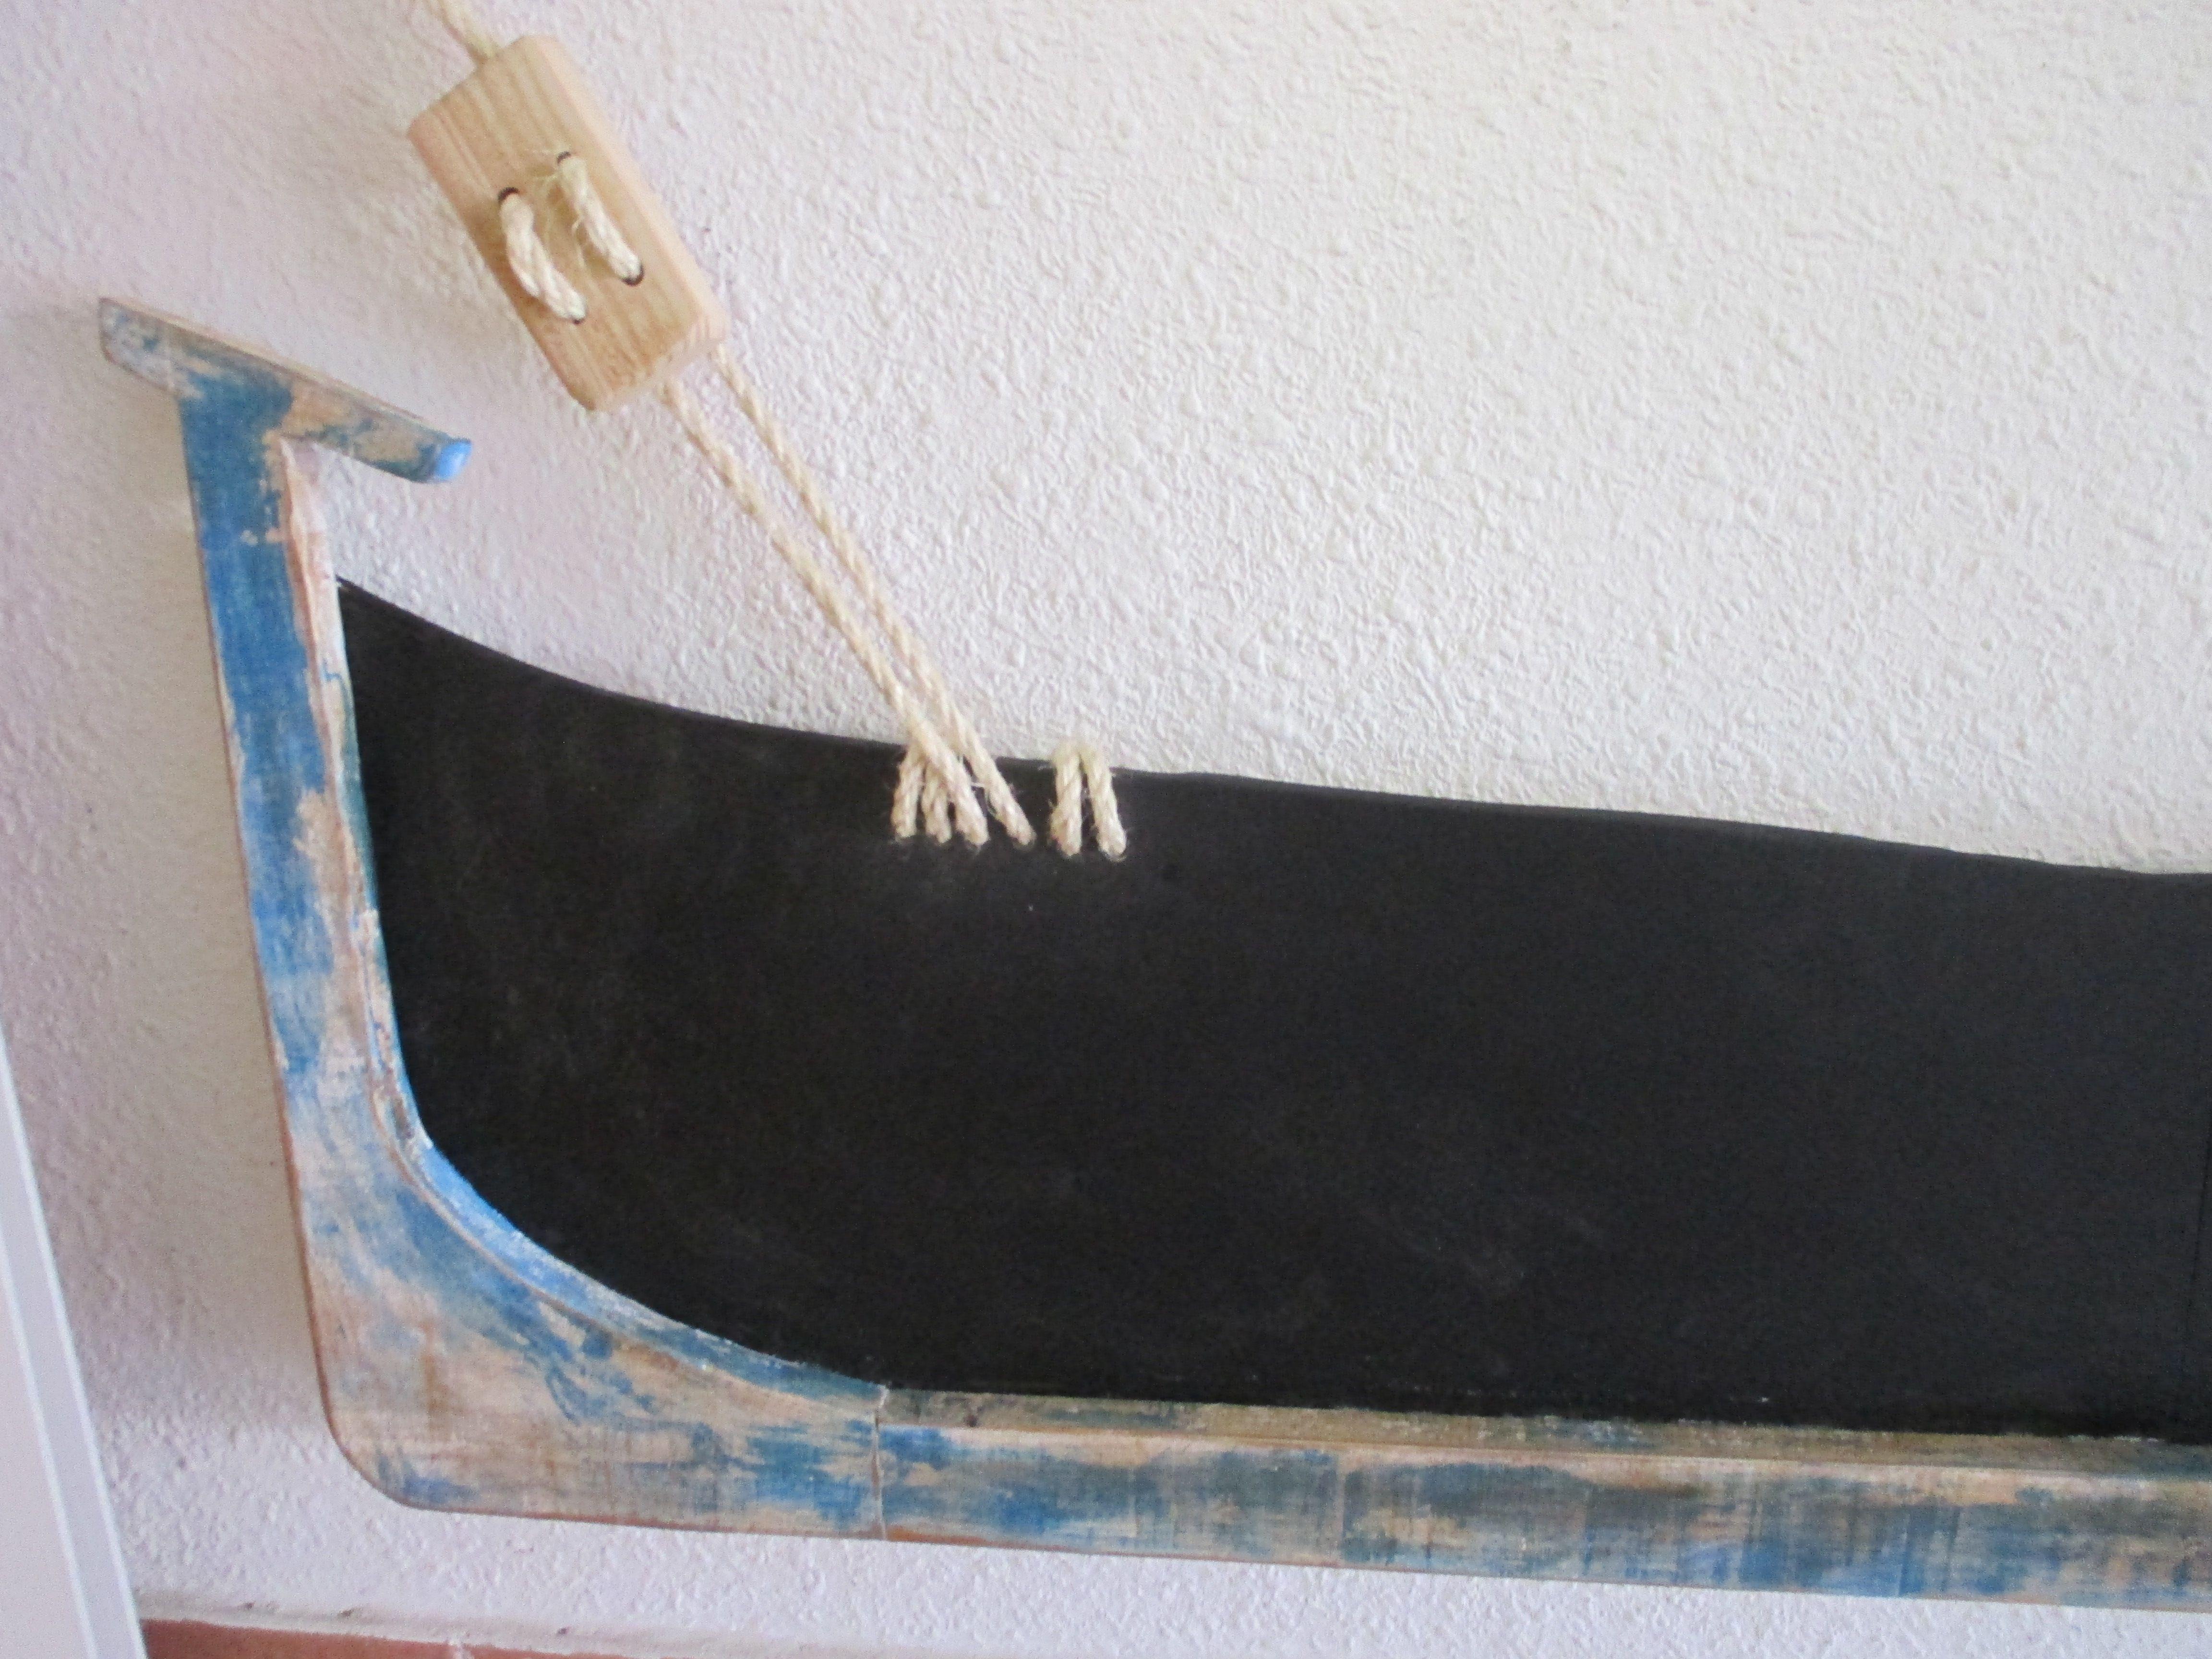 Pizarra marinera de chalana para colgar 120 x 45 cm.Decapada en madera de 2 cm color azul marinero y blanco . Colgada con sogas de la pizarra Ideal para promoción de productos y especialidades del mar para hostelería. Decoración marinera. Visitanos en pizarrasdetiza.bl...Detalle proa